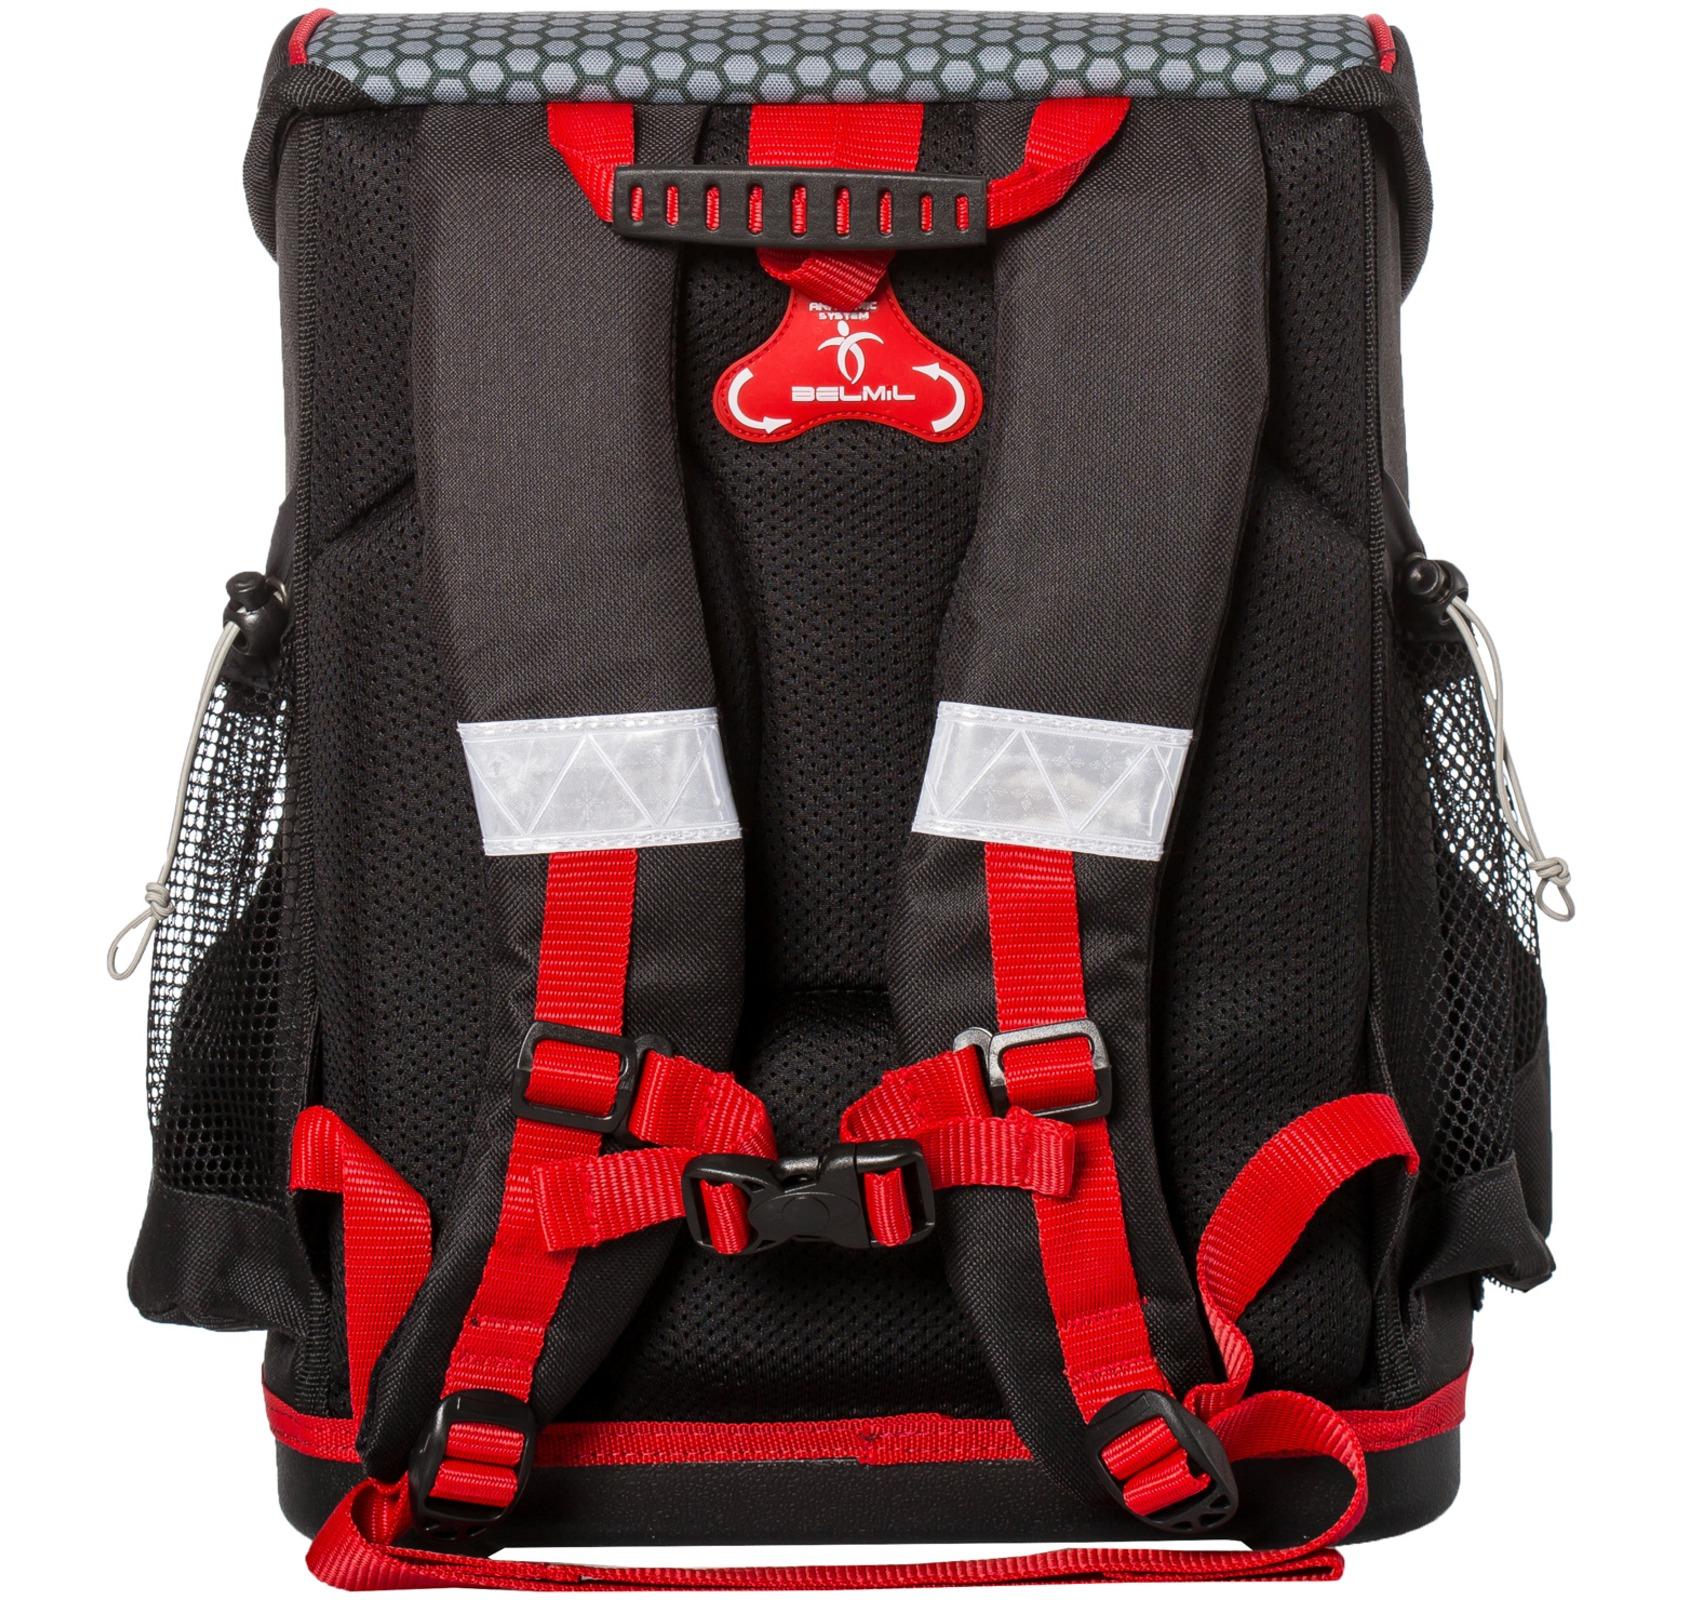 Ранец Belmil 405-33 MINI-FIT FOOTBALL + мешок и пенал + фломастеры, - фото 7